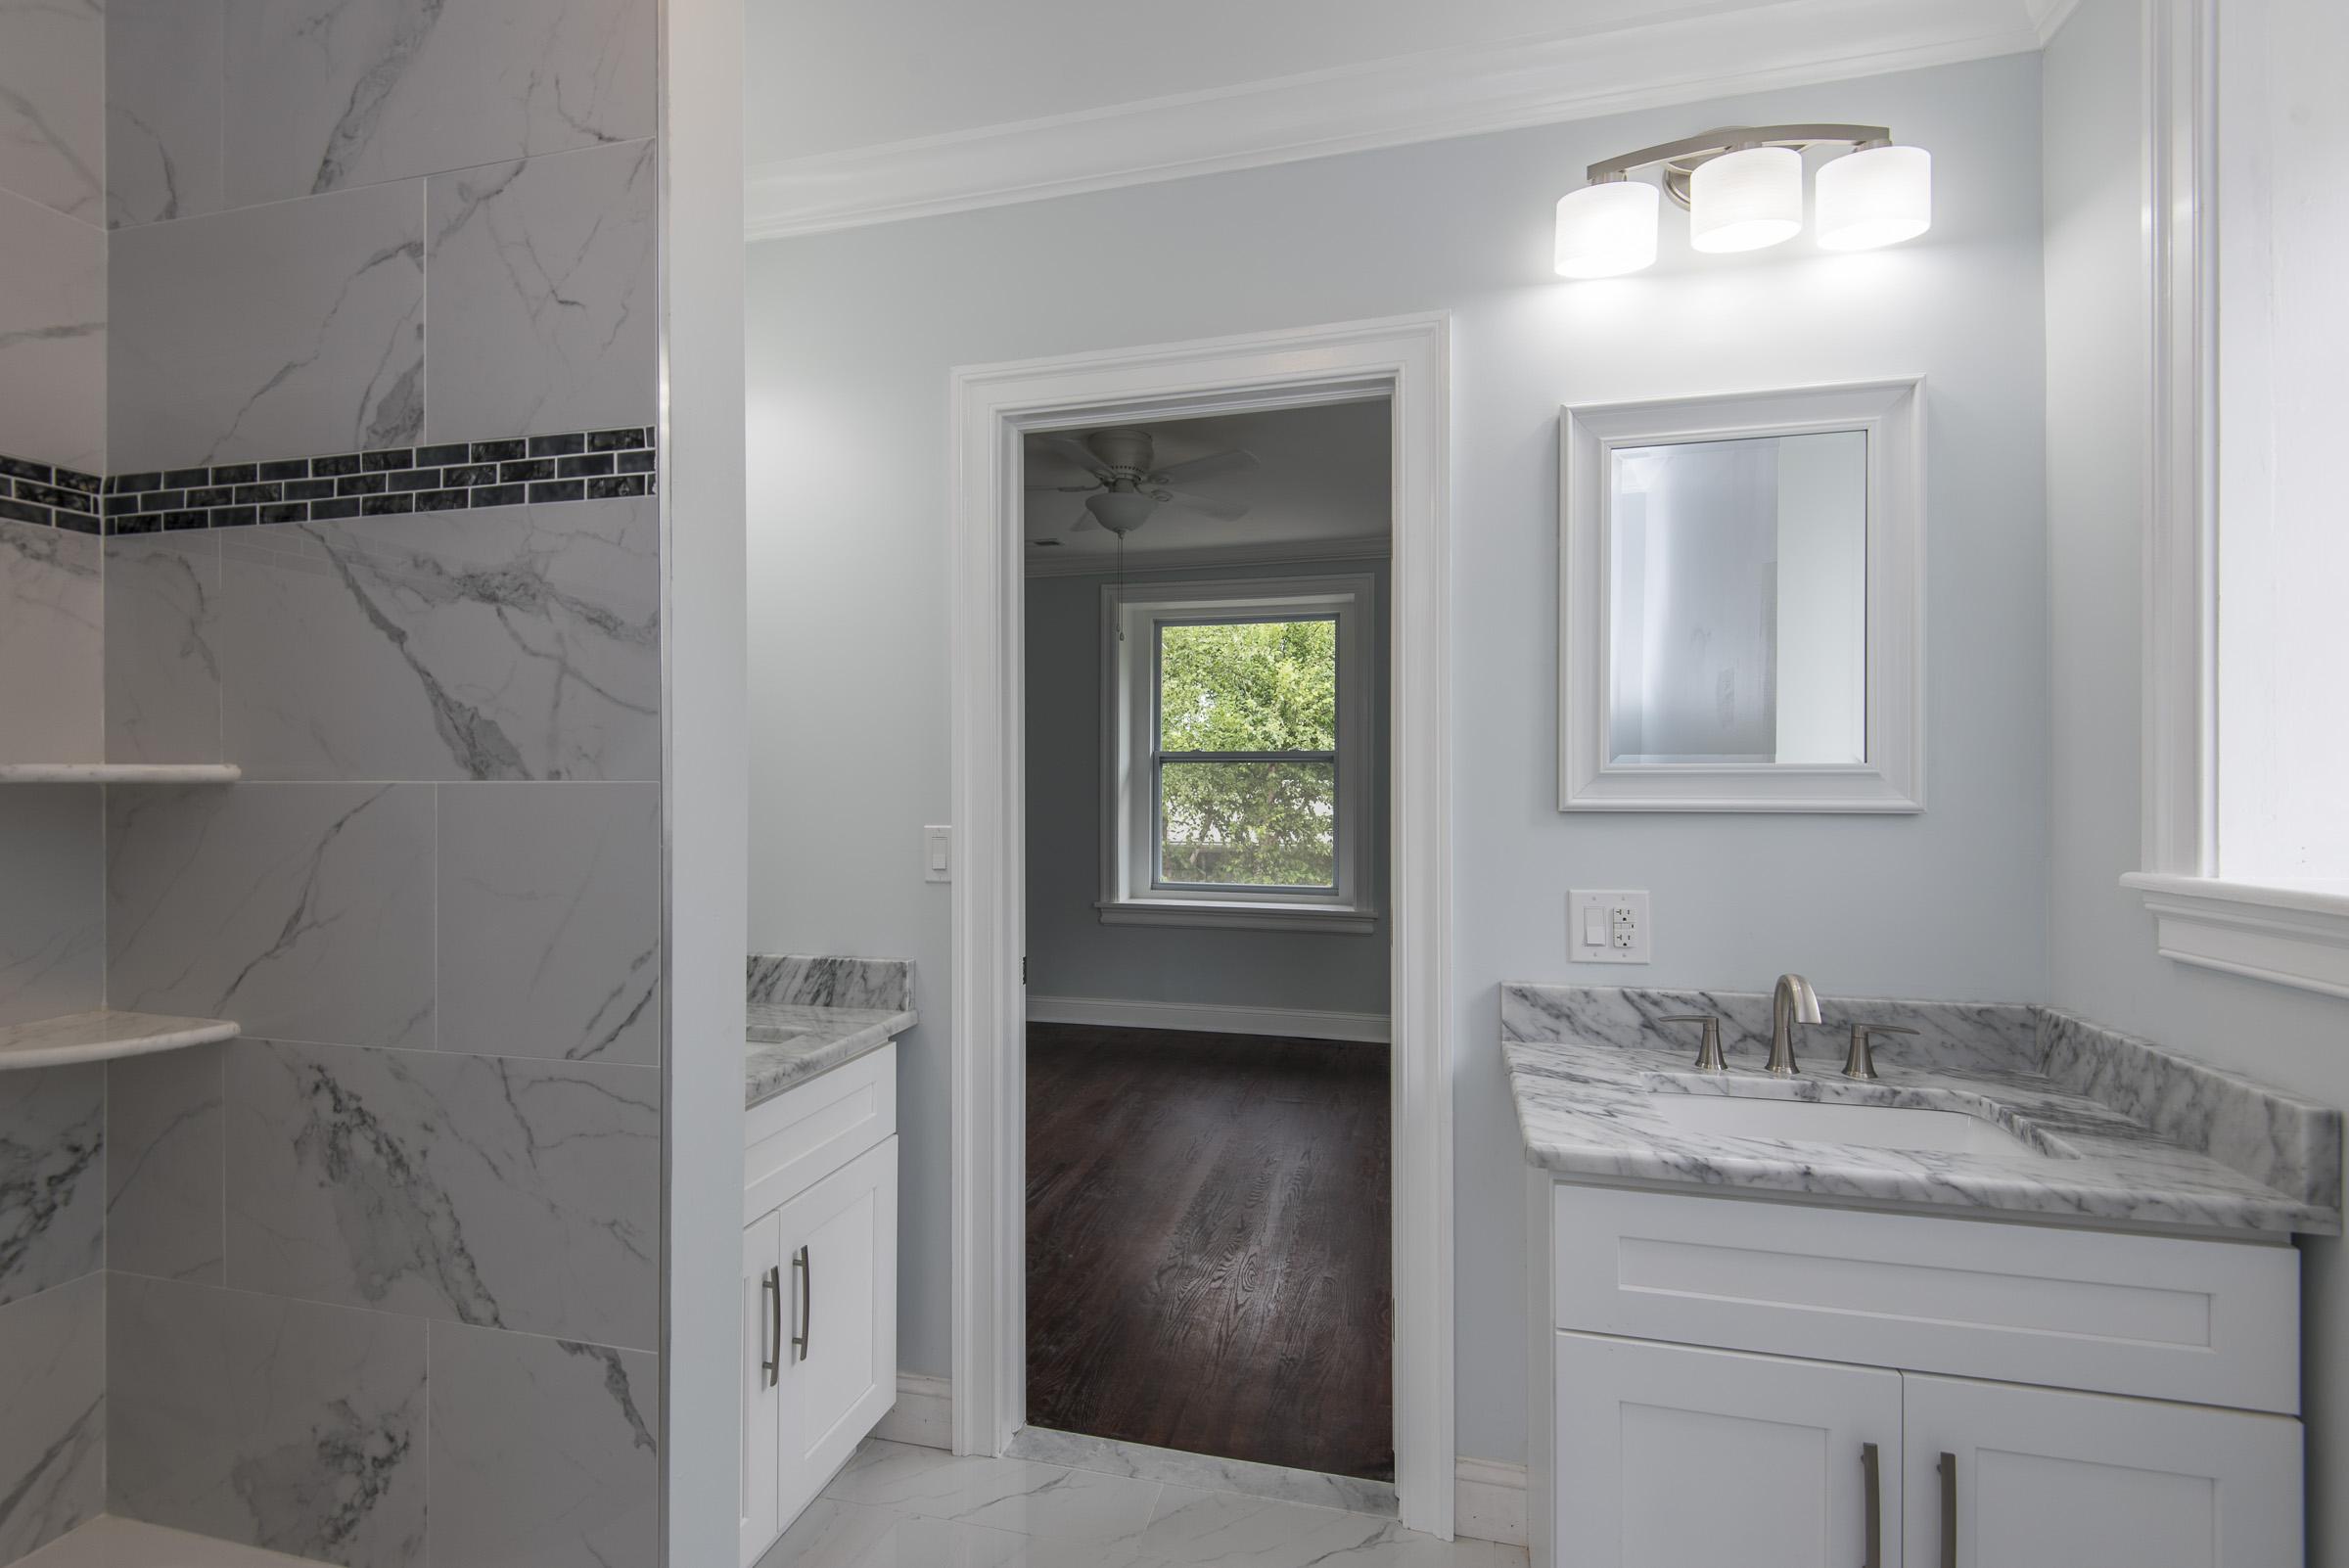 Jack & Jill Bathroom (After)